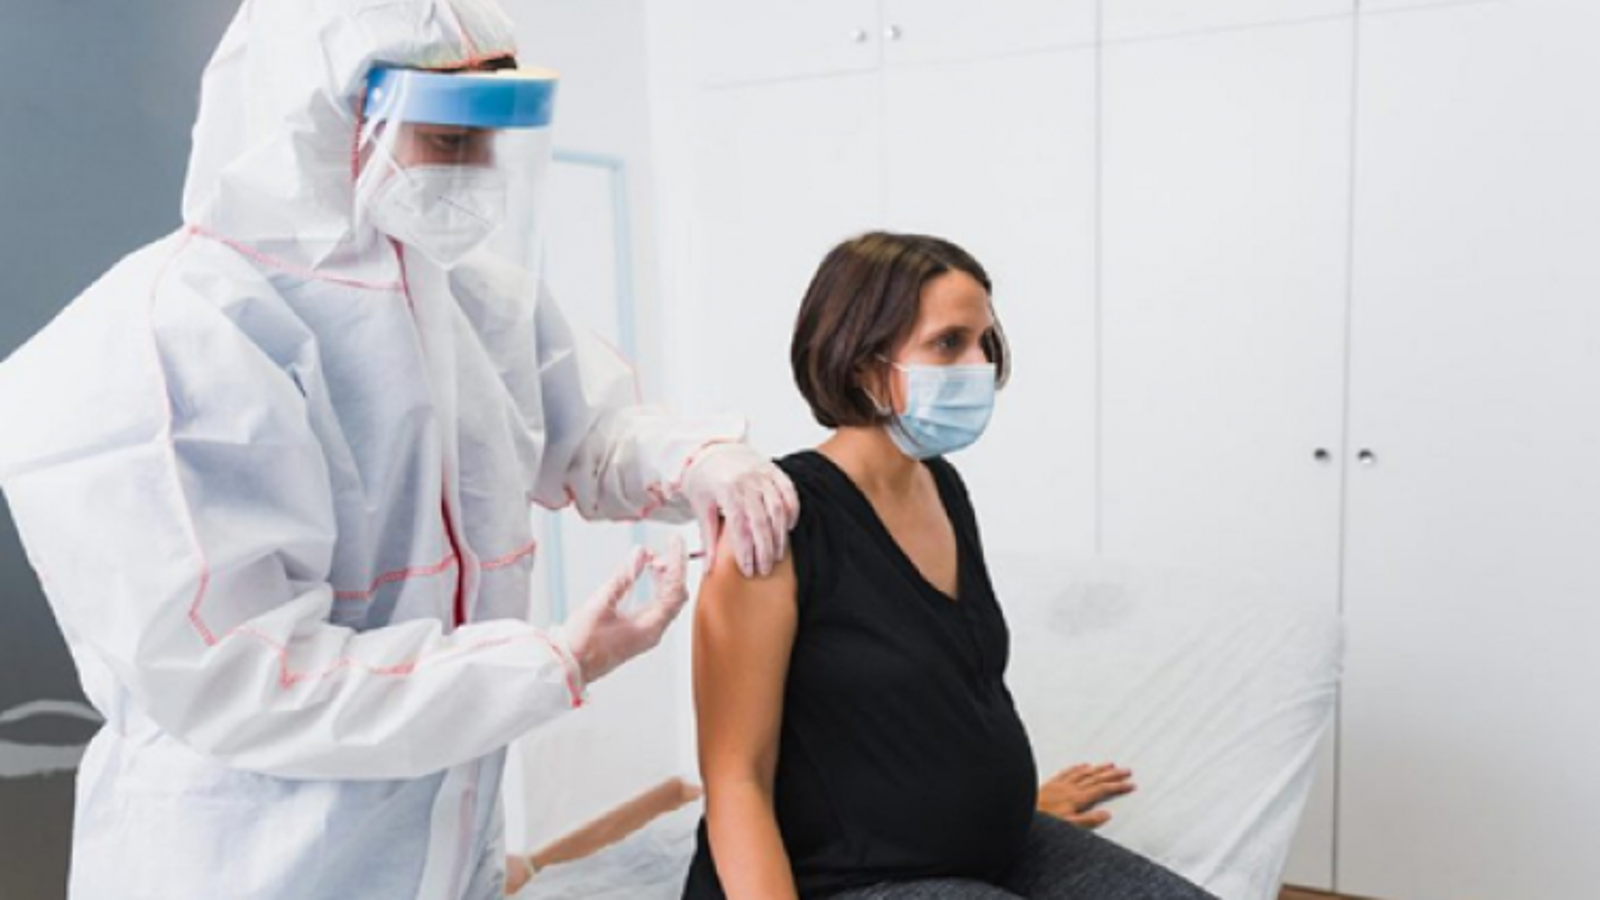 Tiêm vaccine COVID-19 có liên quan đến nguy cơ sảy thai không?